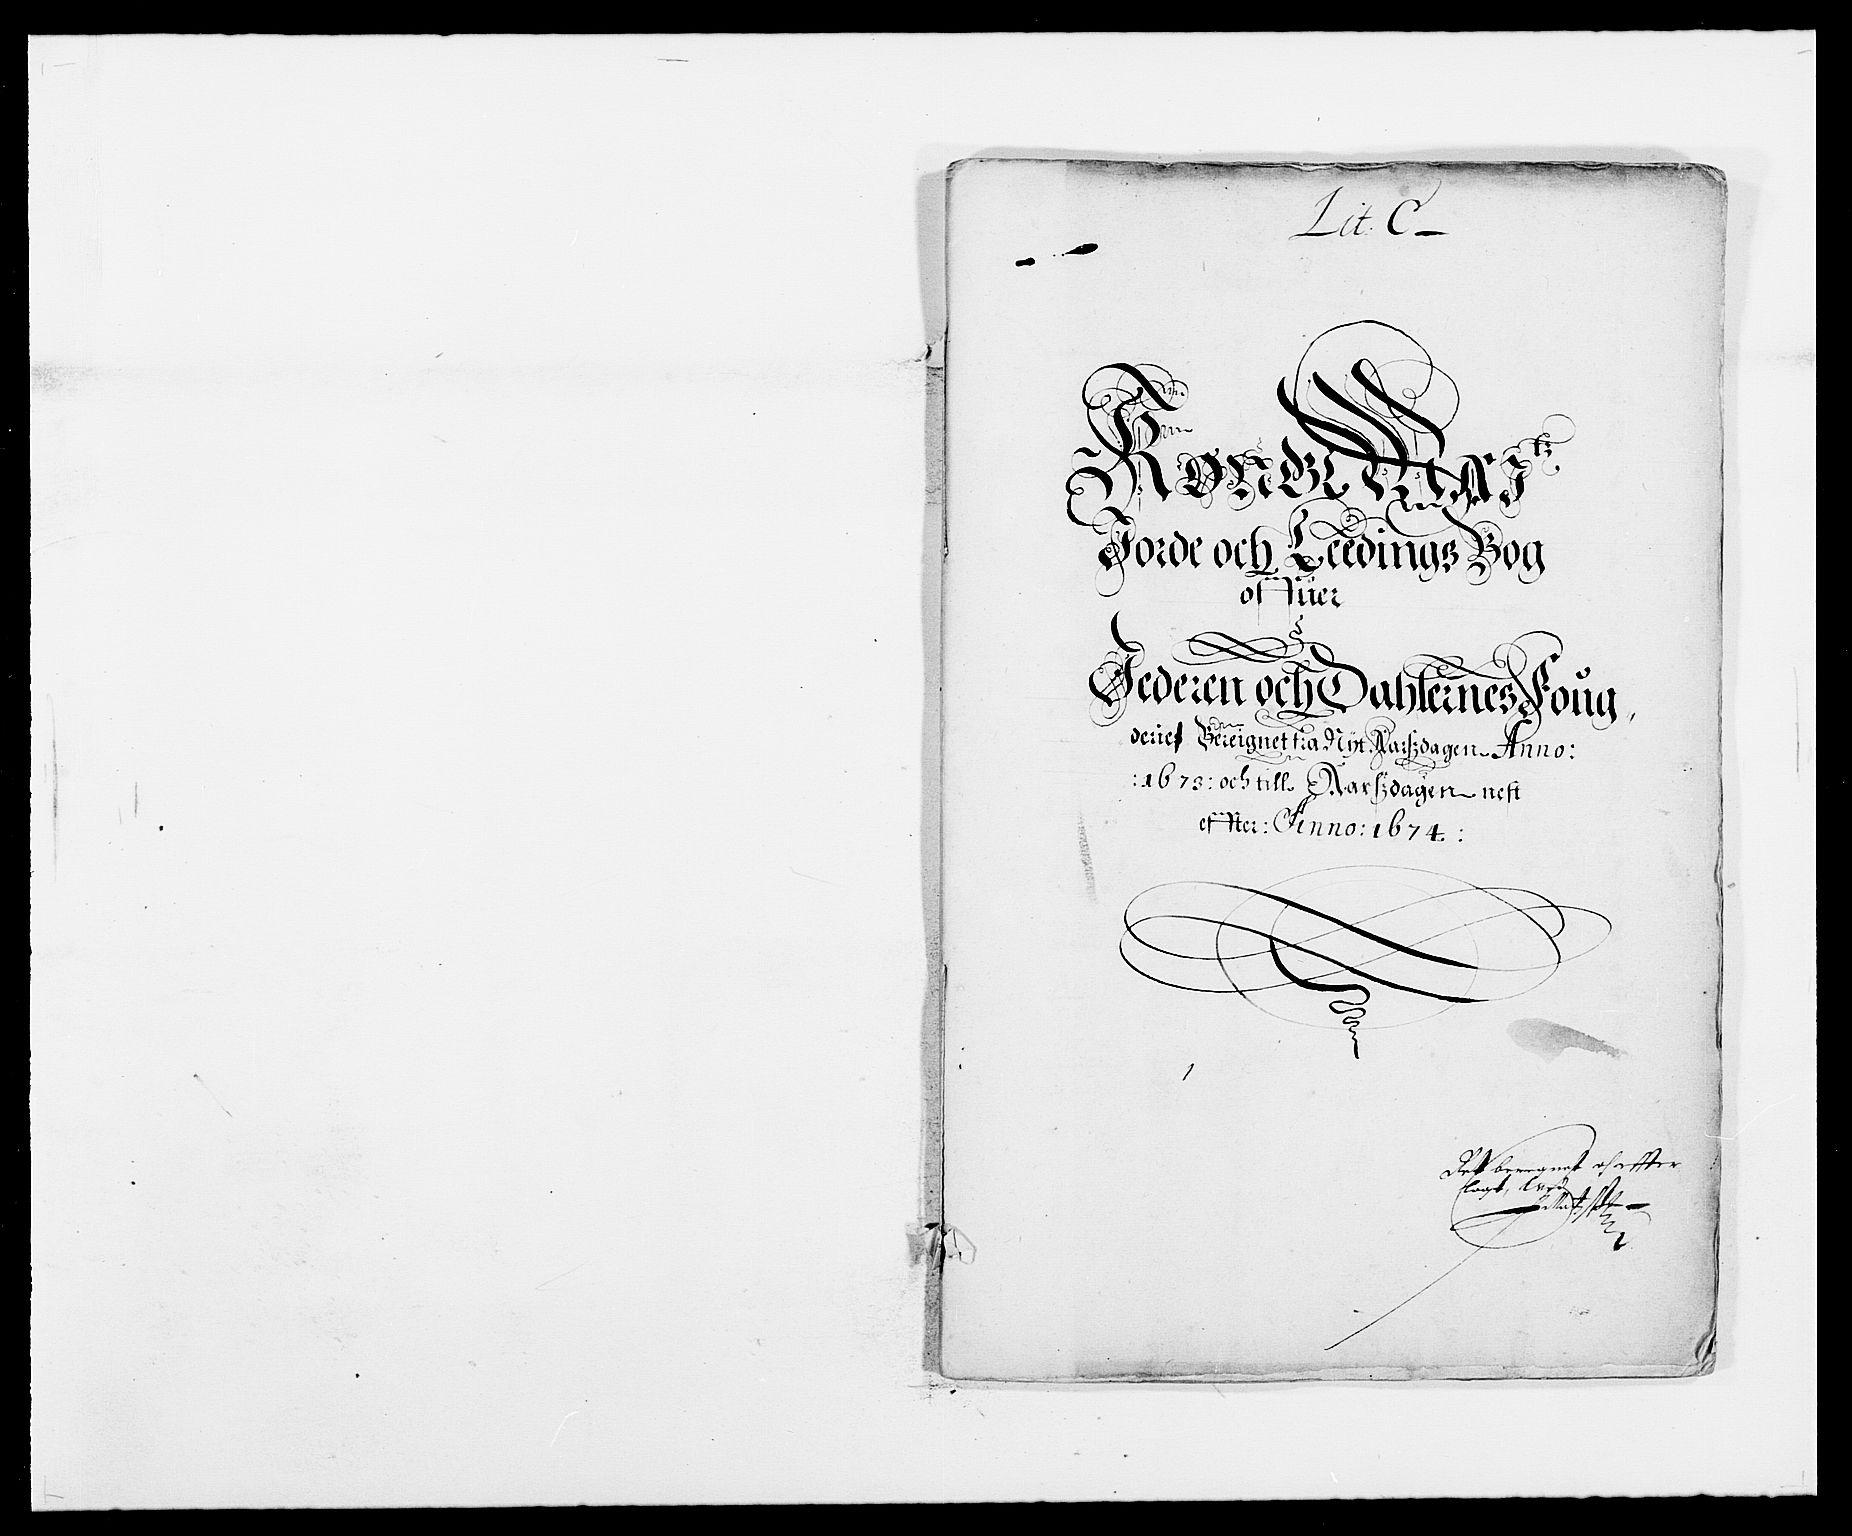 RA, Rentekammeret inntil 1814, Reviderte regnskaper, Fogderegnskap, R46/L2714: Fogderegnskap Jæren og Dalane, 1673-1674, s. 43